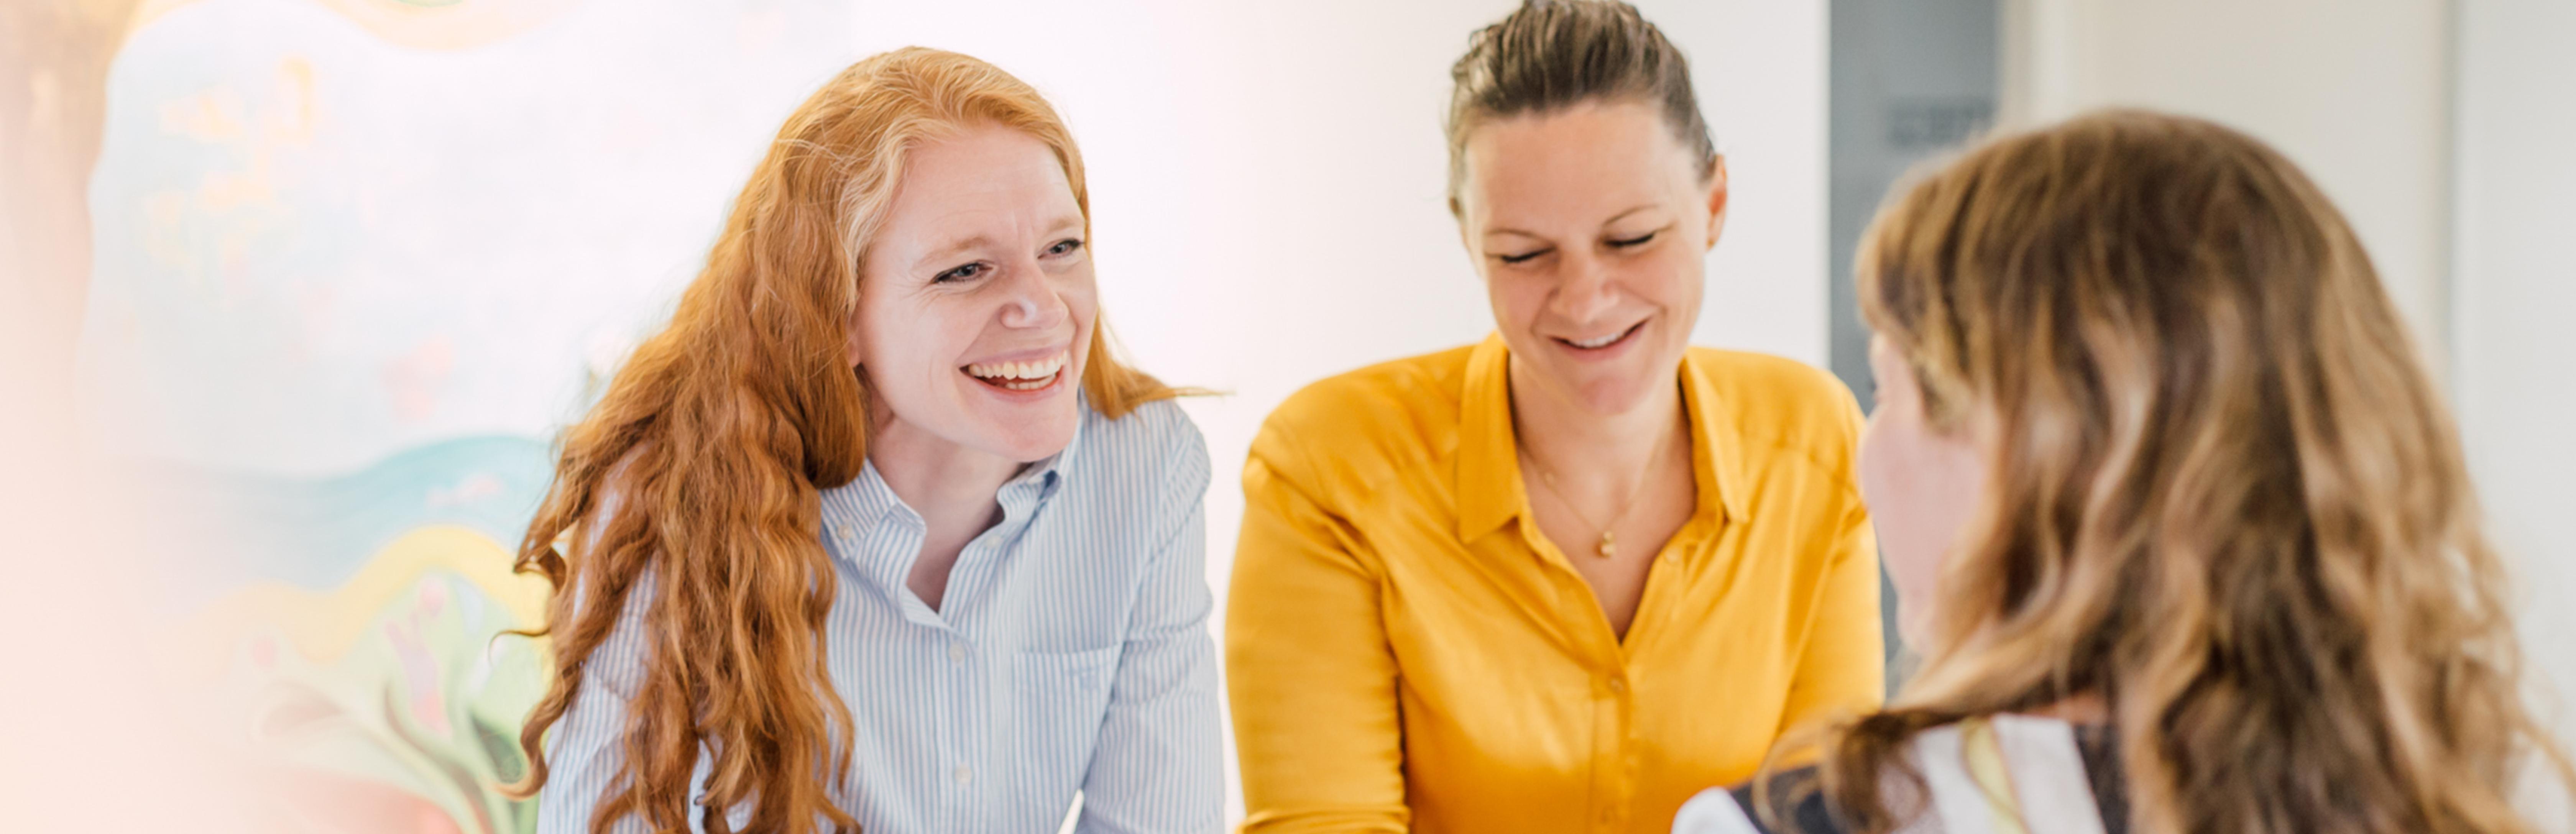 Vi söker modig, engagerande och erfaren managementkonsult inom organisations- och verksamhetsutveckling